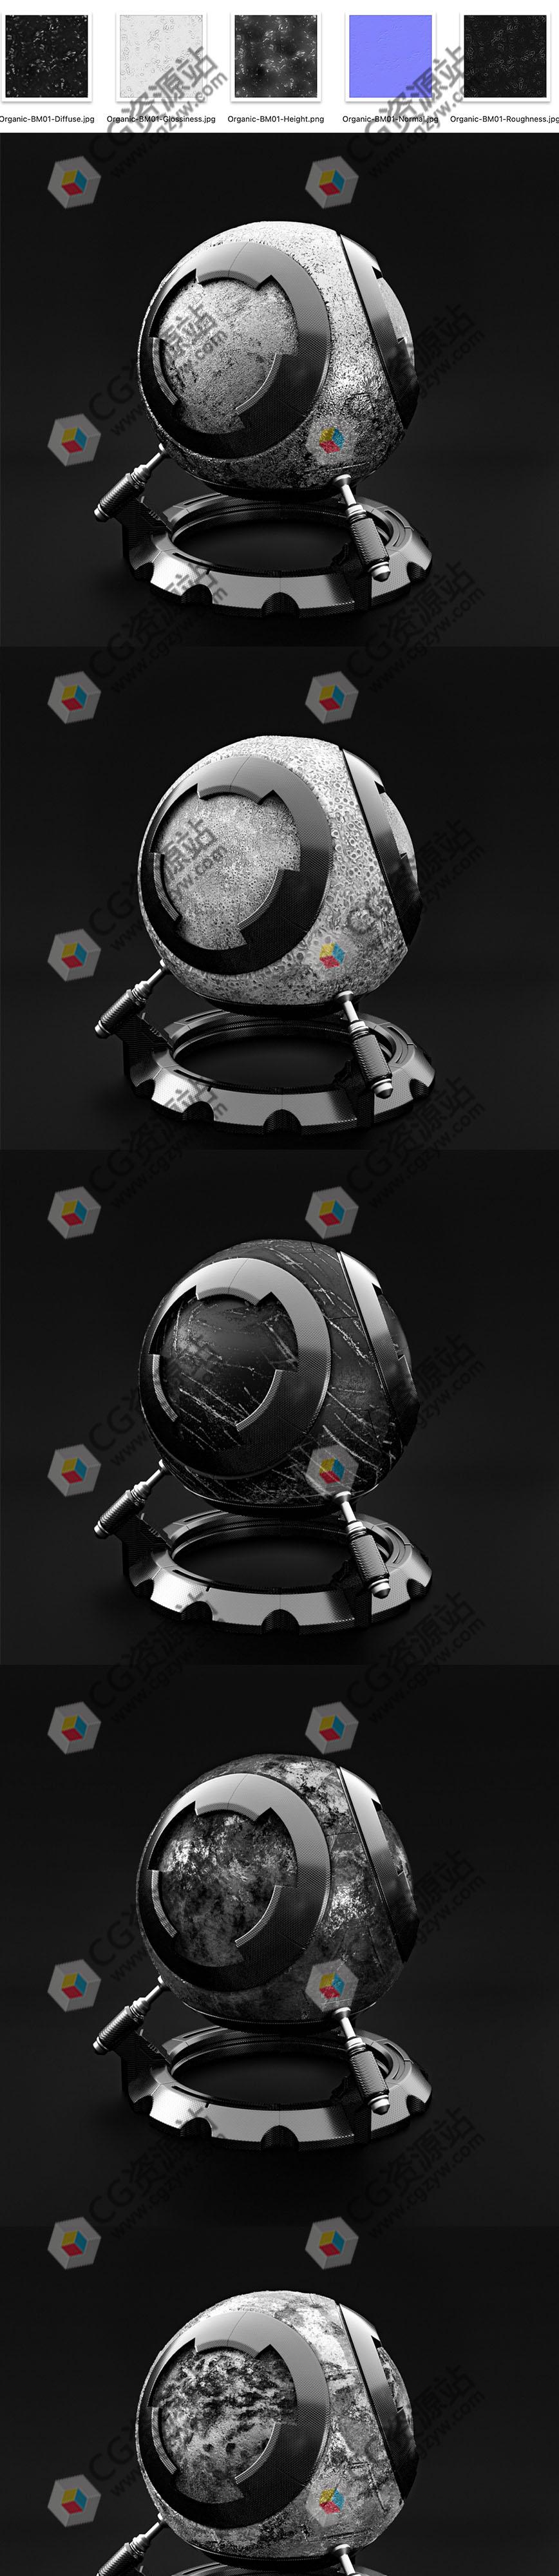 5套划痕瑕疵锈迹灰度贴图材质素材 TFM Greyscale Kits Bundle